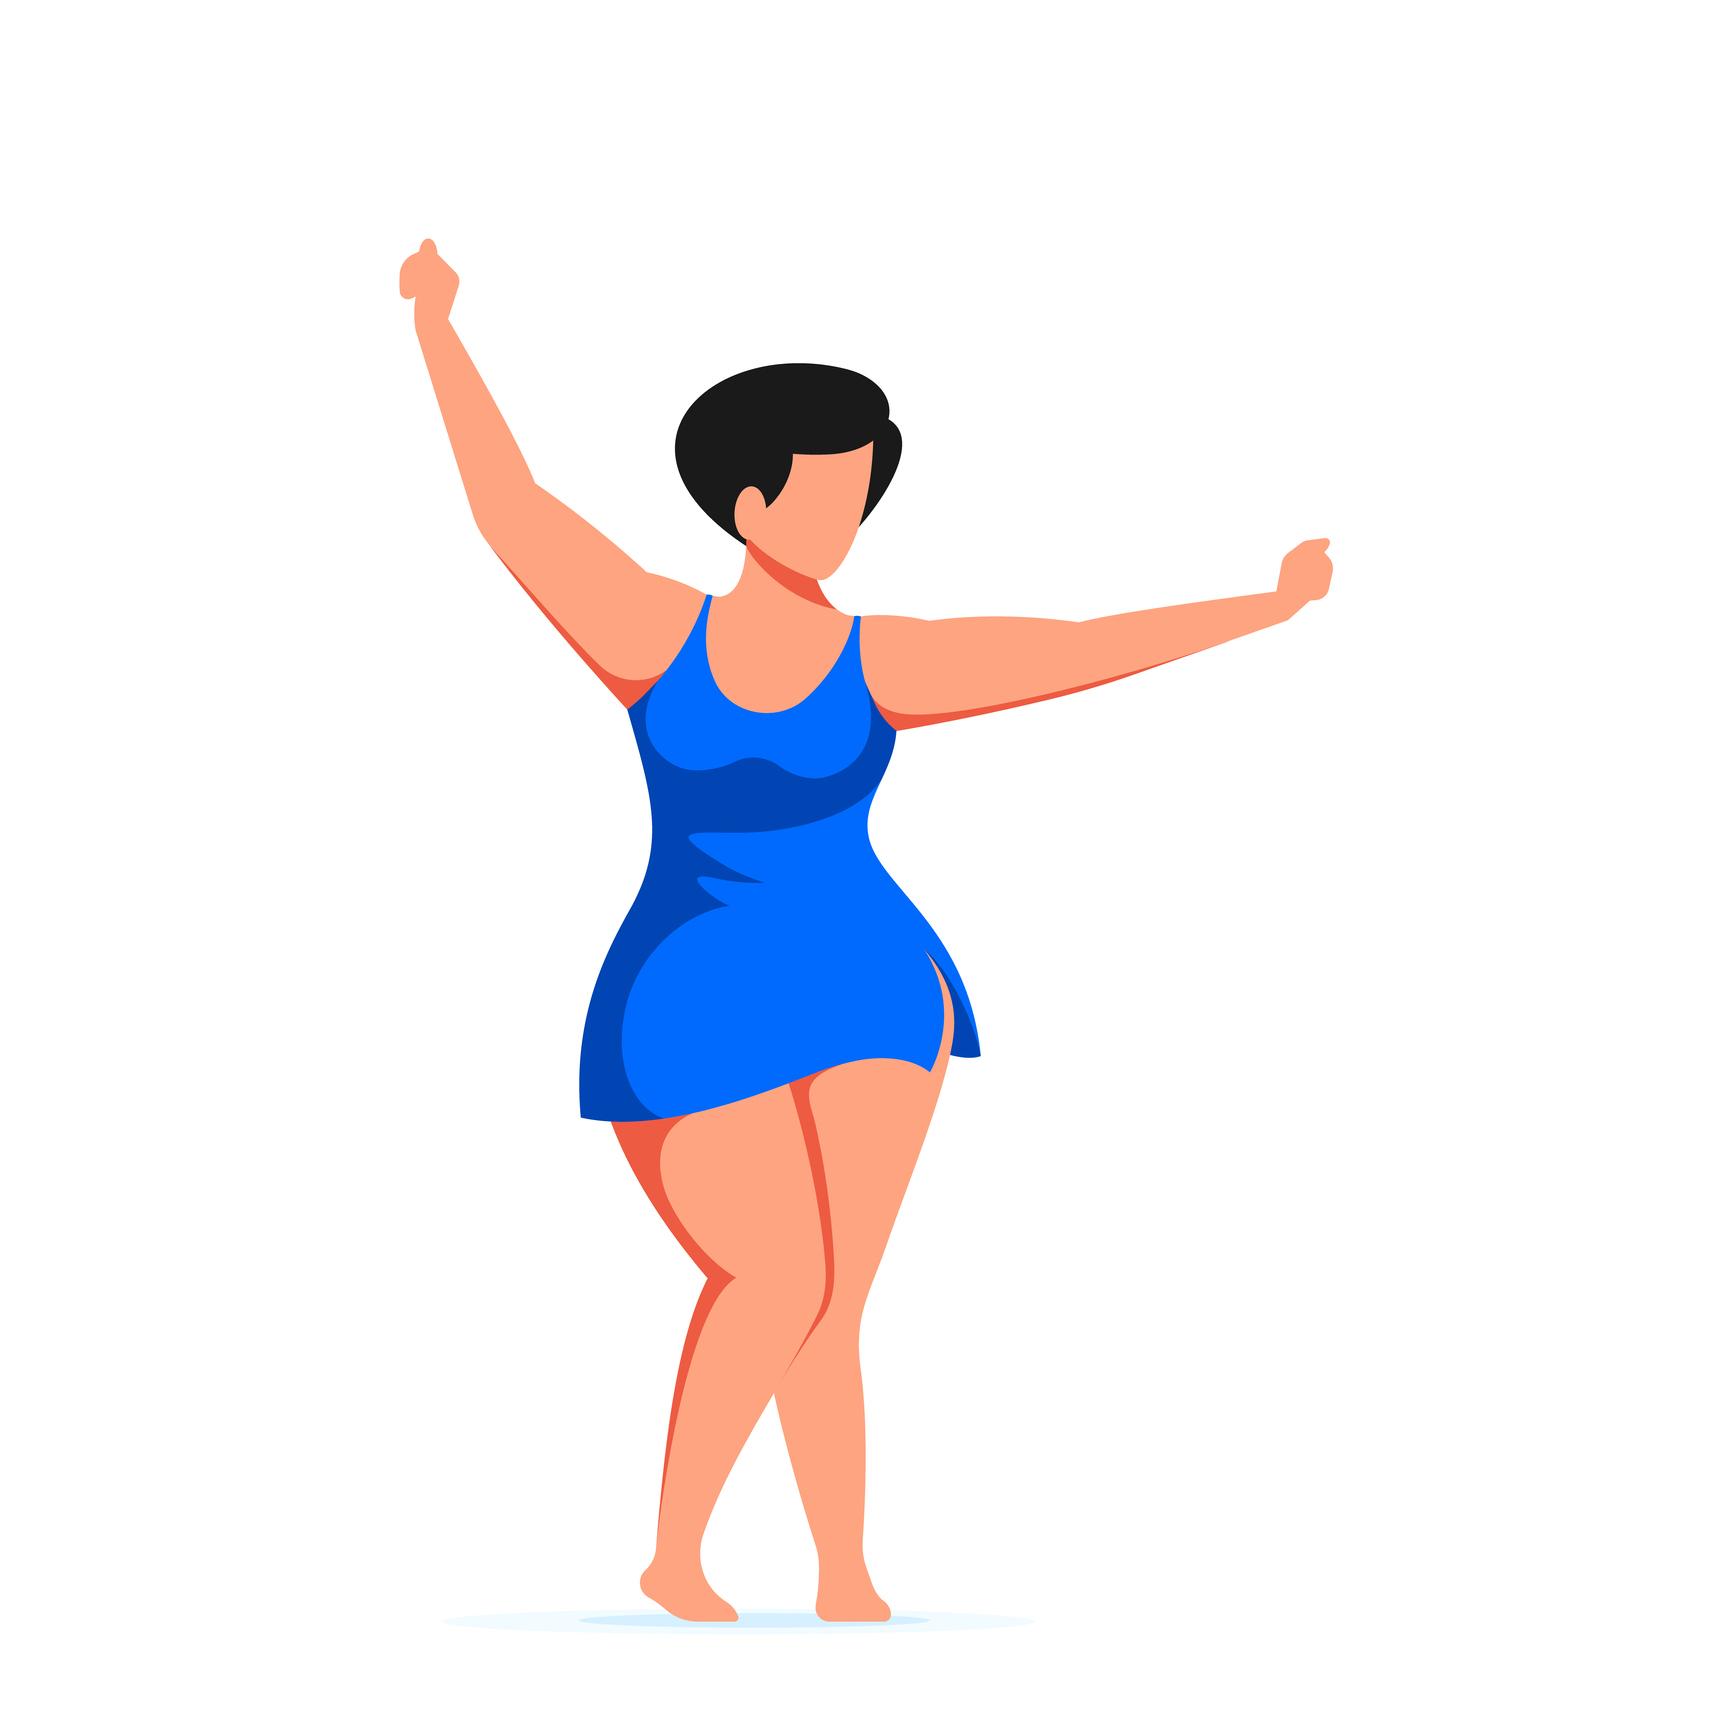 Silueta de una mujer con curvas.